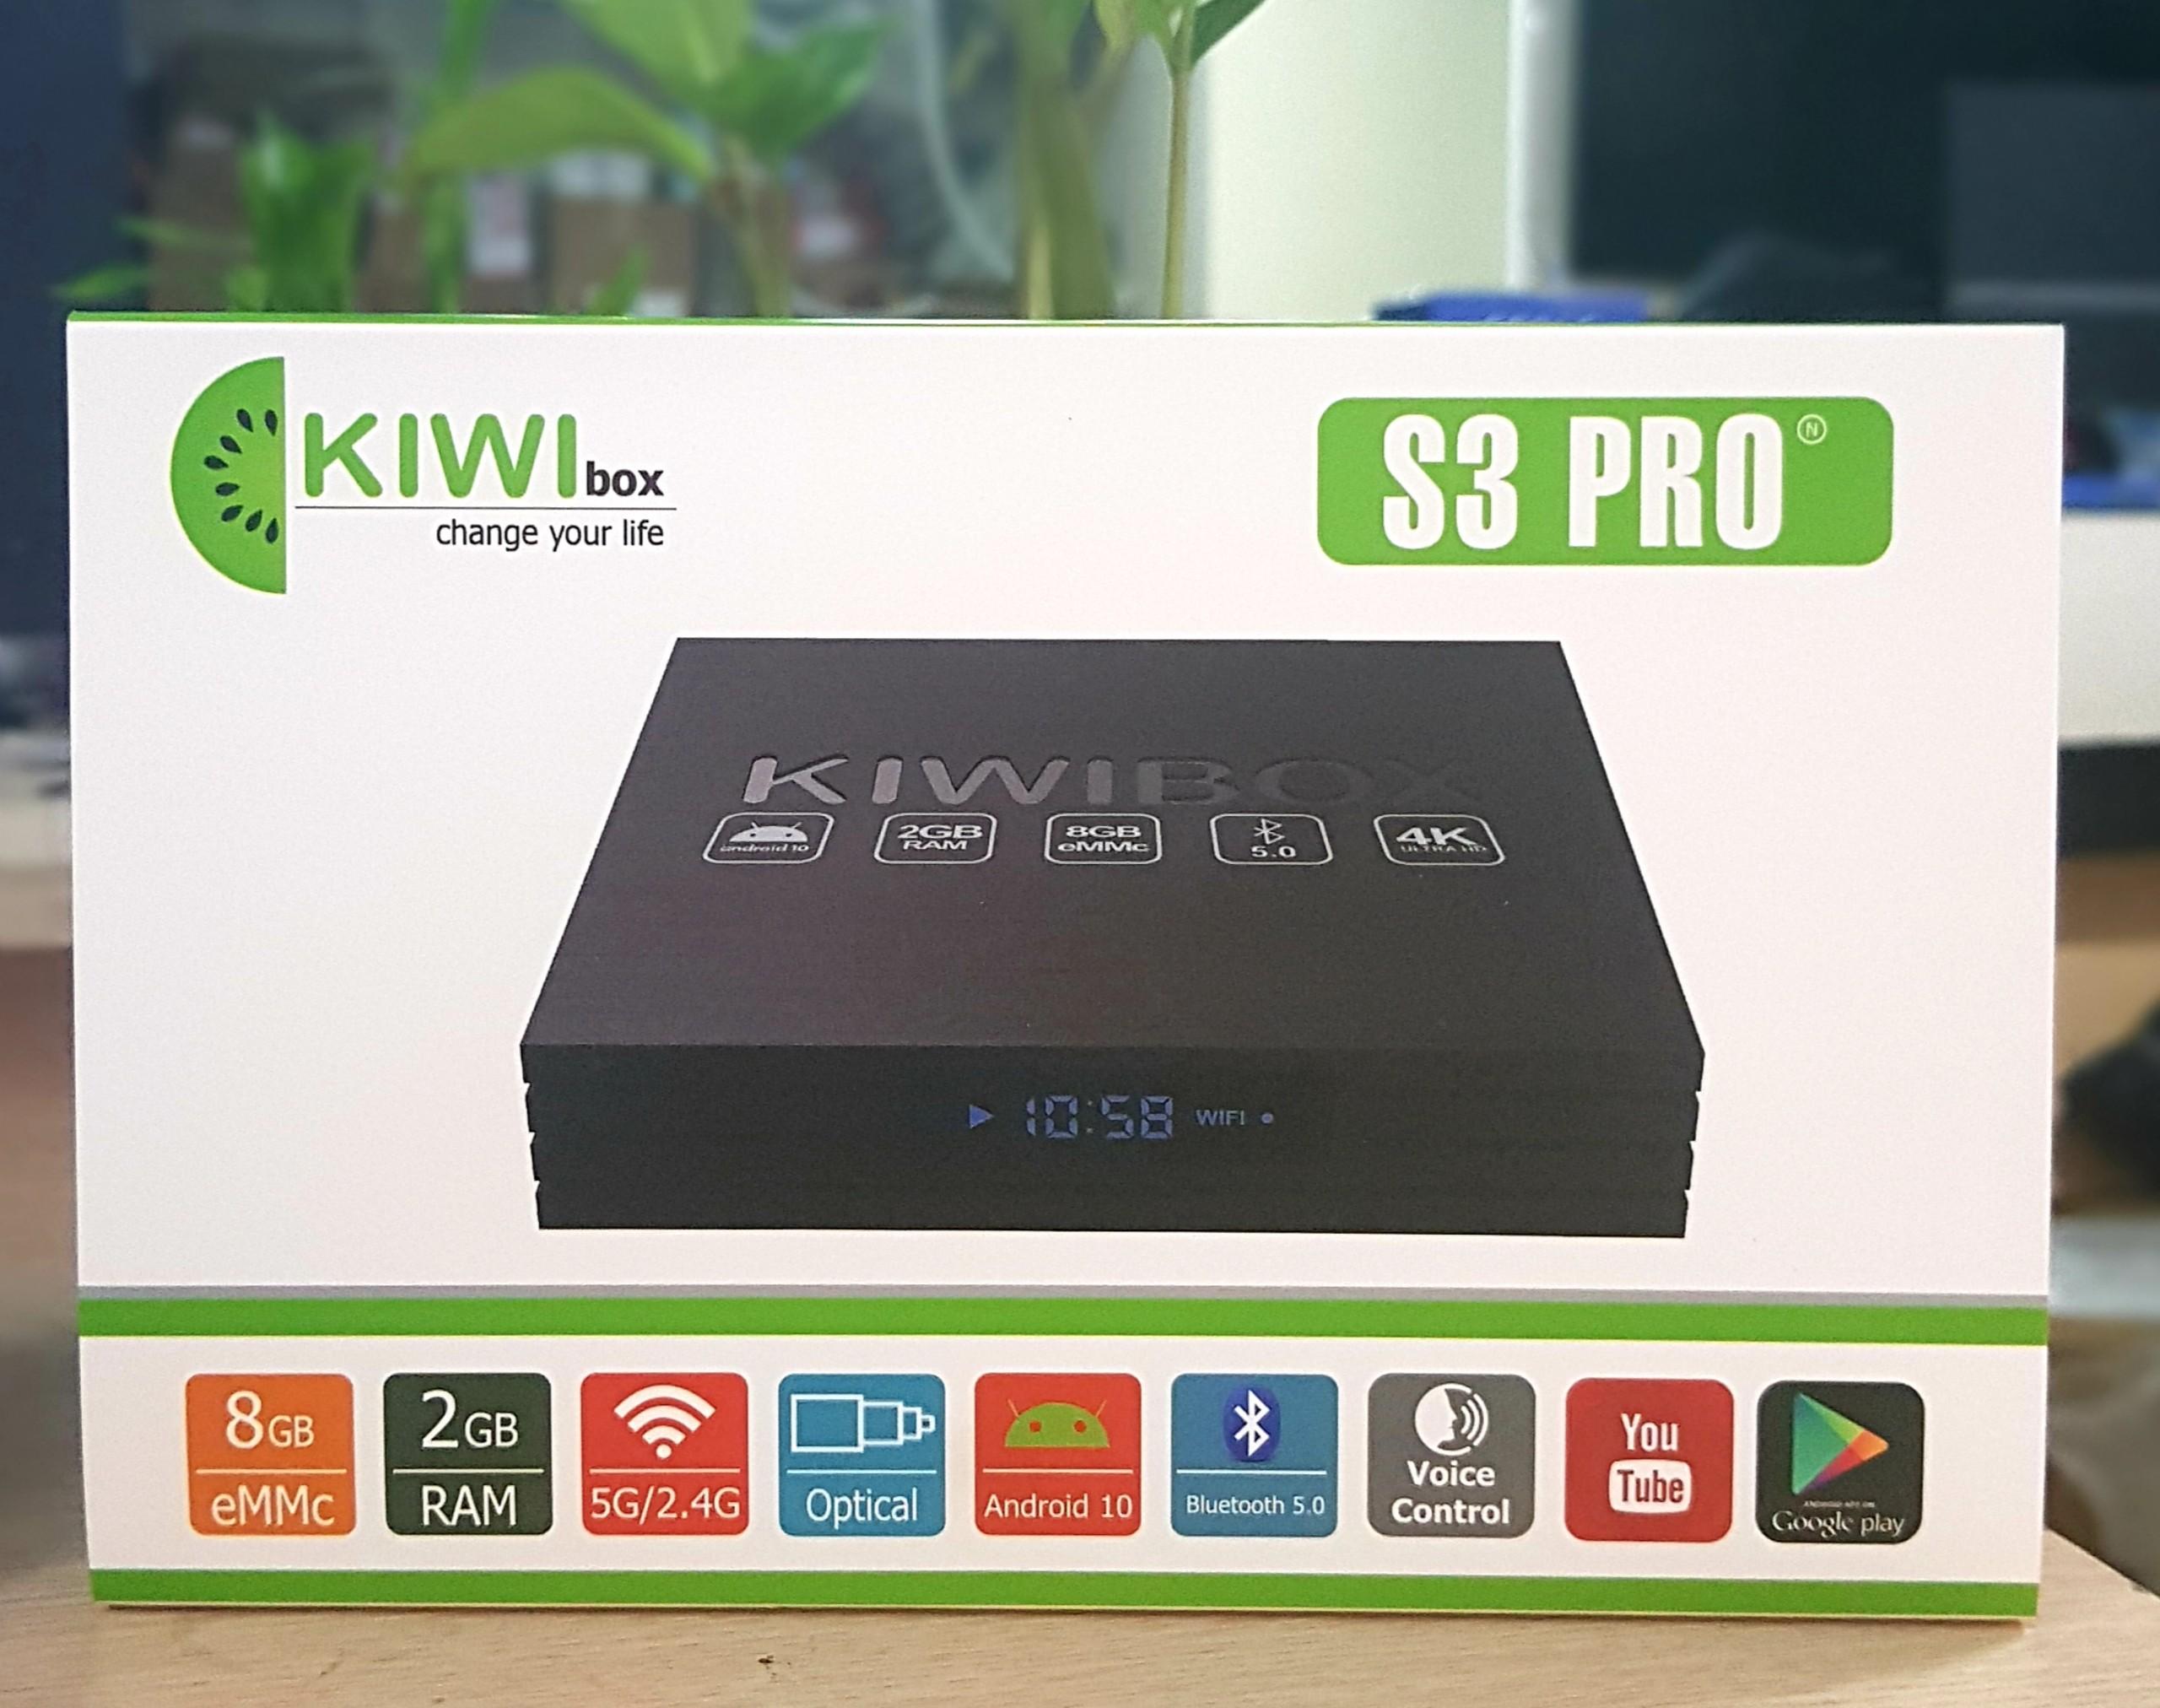 Android box Kiwibox S3pro mới , kiwi s3 pro 2021 Ram 2G, Rom 8G, Wifi 2BT, Android 10, Bluetooth 5.0 - truyền hình miễn phí - Hàng chính hãng